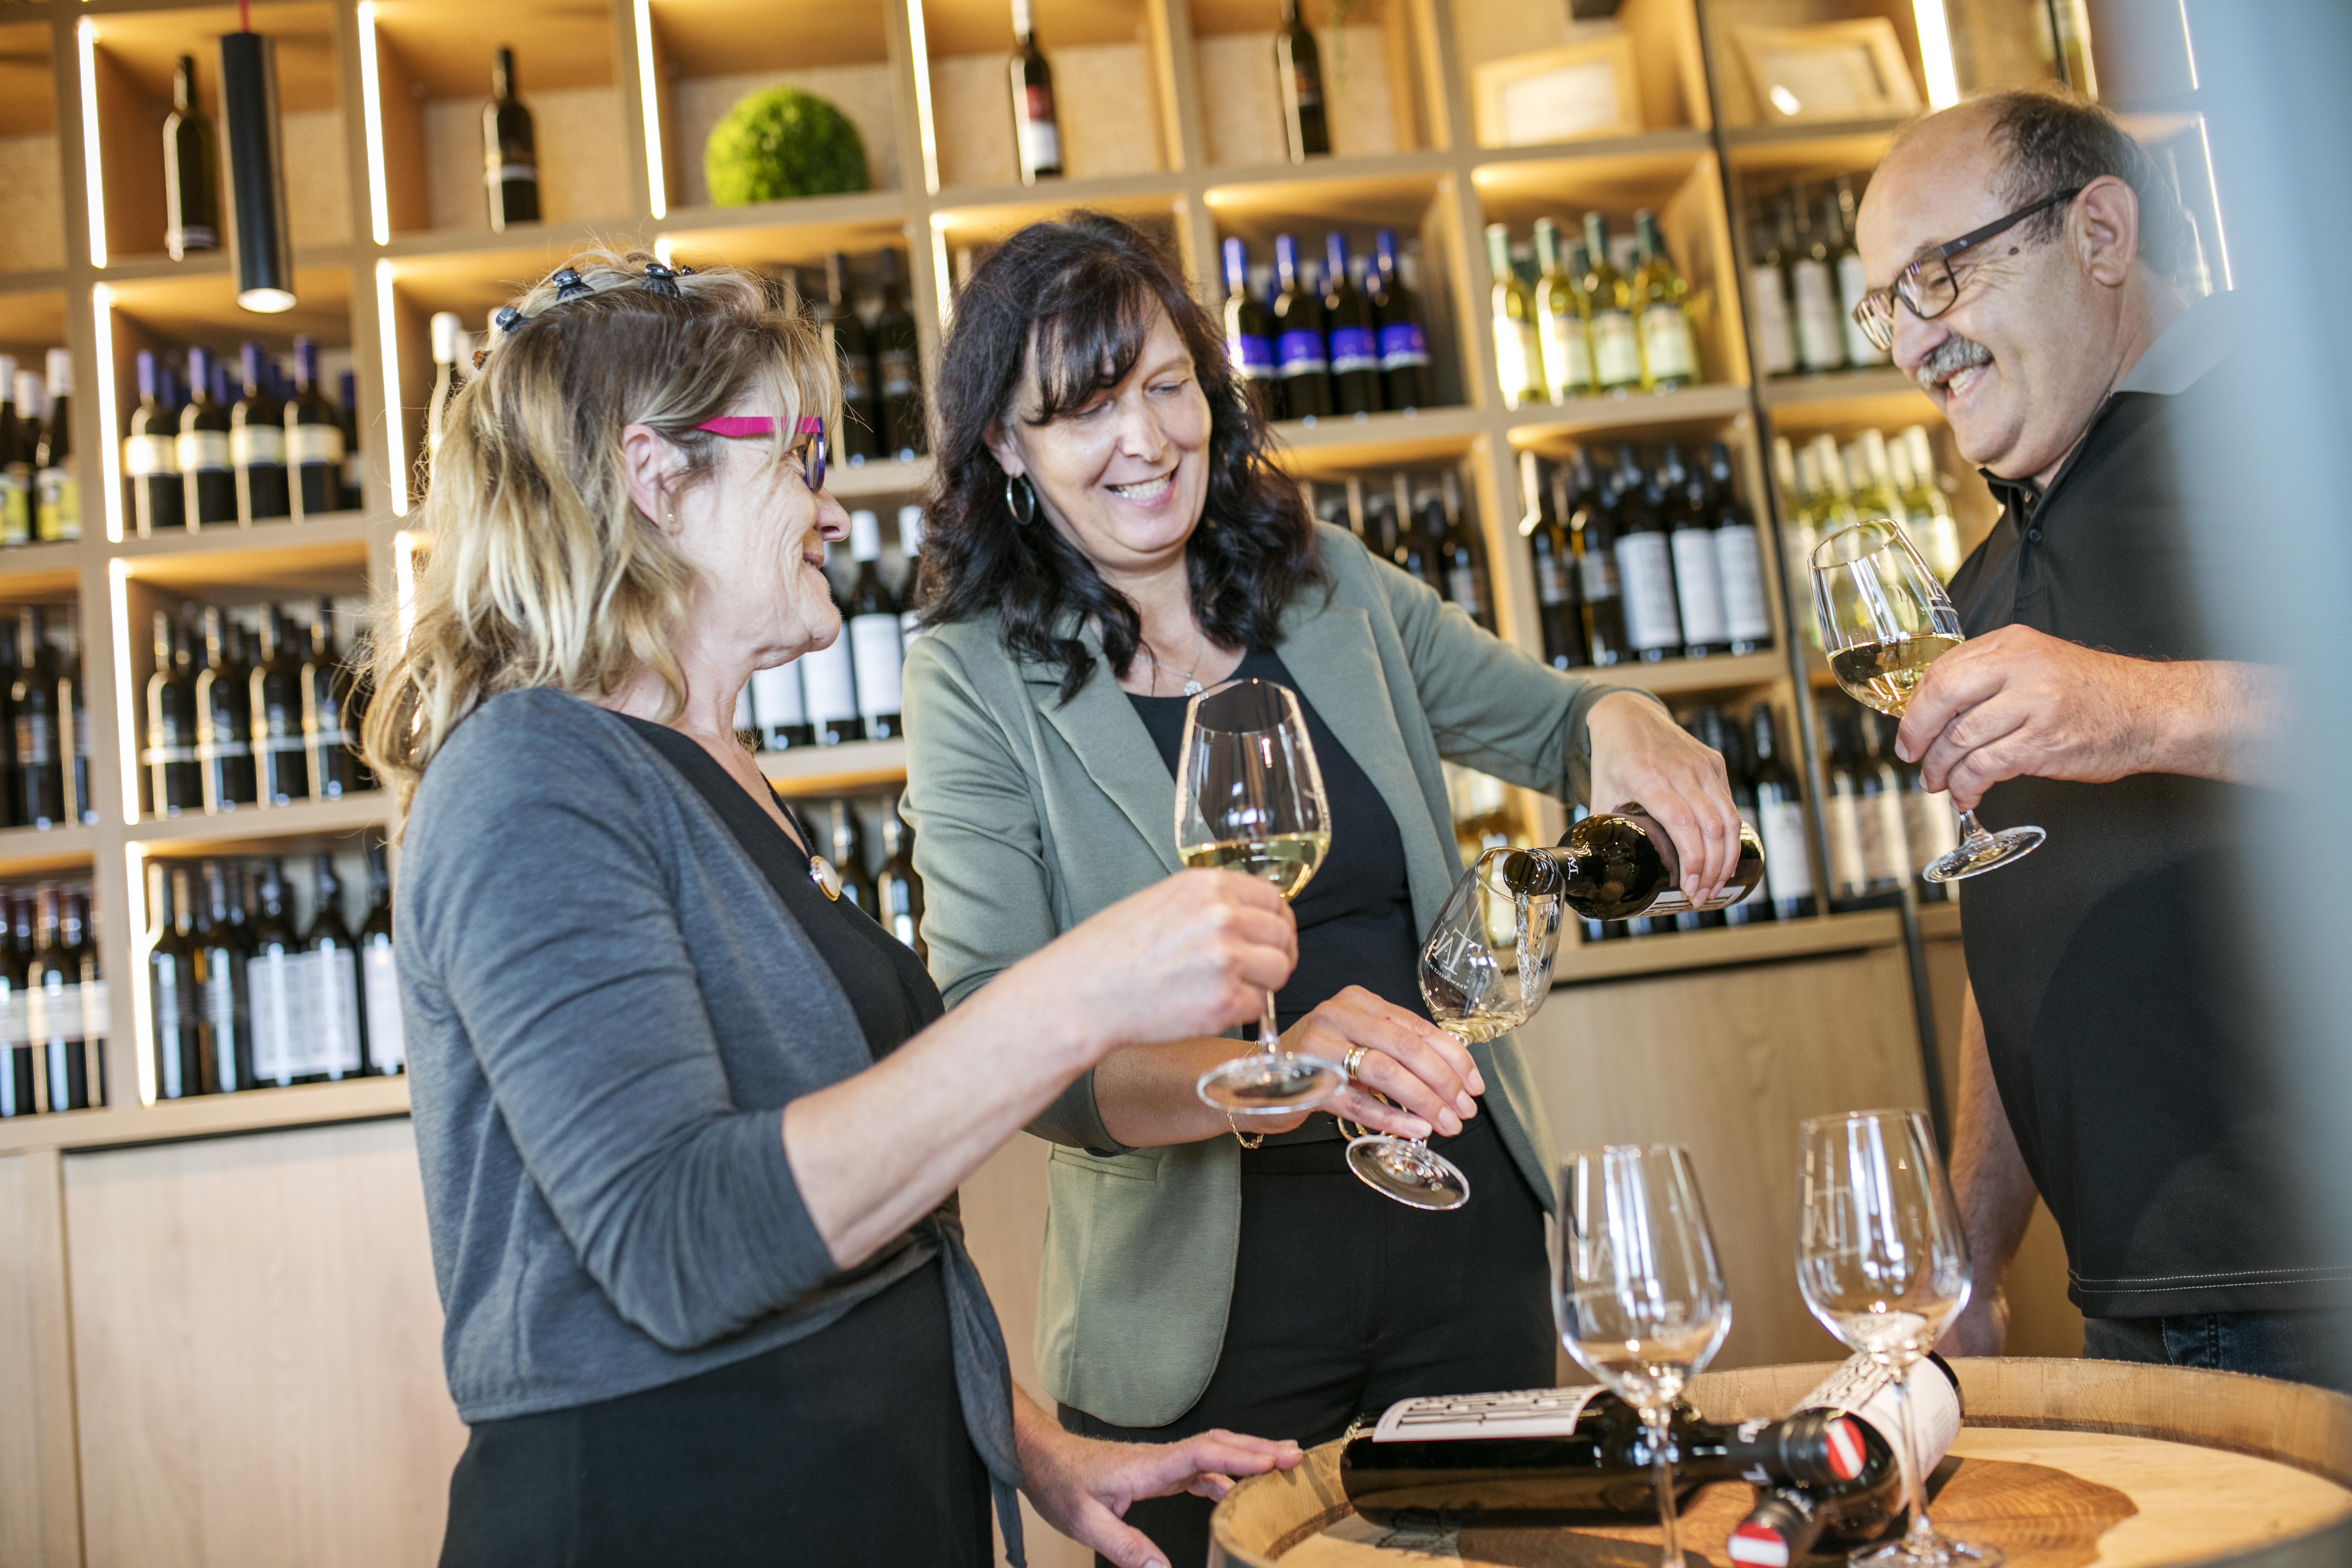 Sie sehen eine Runde von Menschen bei einer Weinverkostung im JUFA Hotel Tieschen – Bio-Landerlebnis. Der Ort für kinderfreundlichen und erlebnisreichen Urlaub für die ganze Familie.